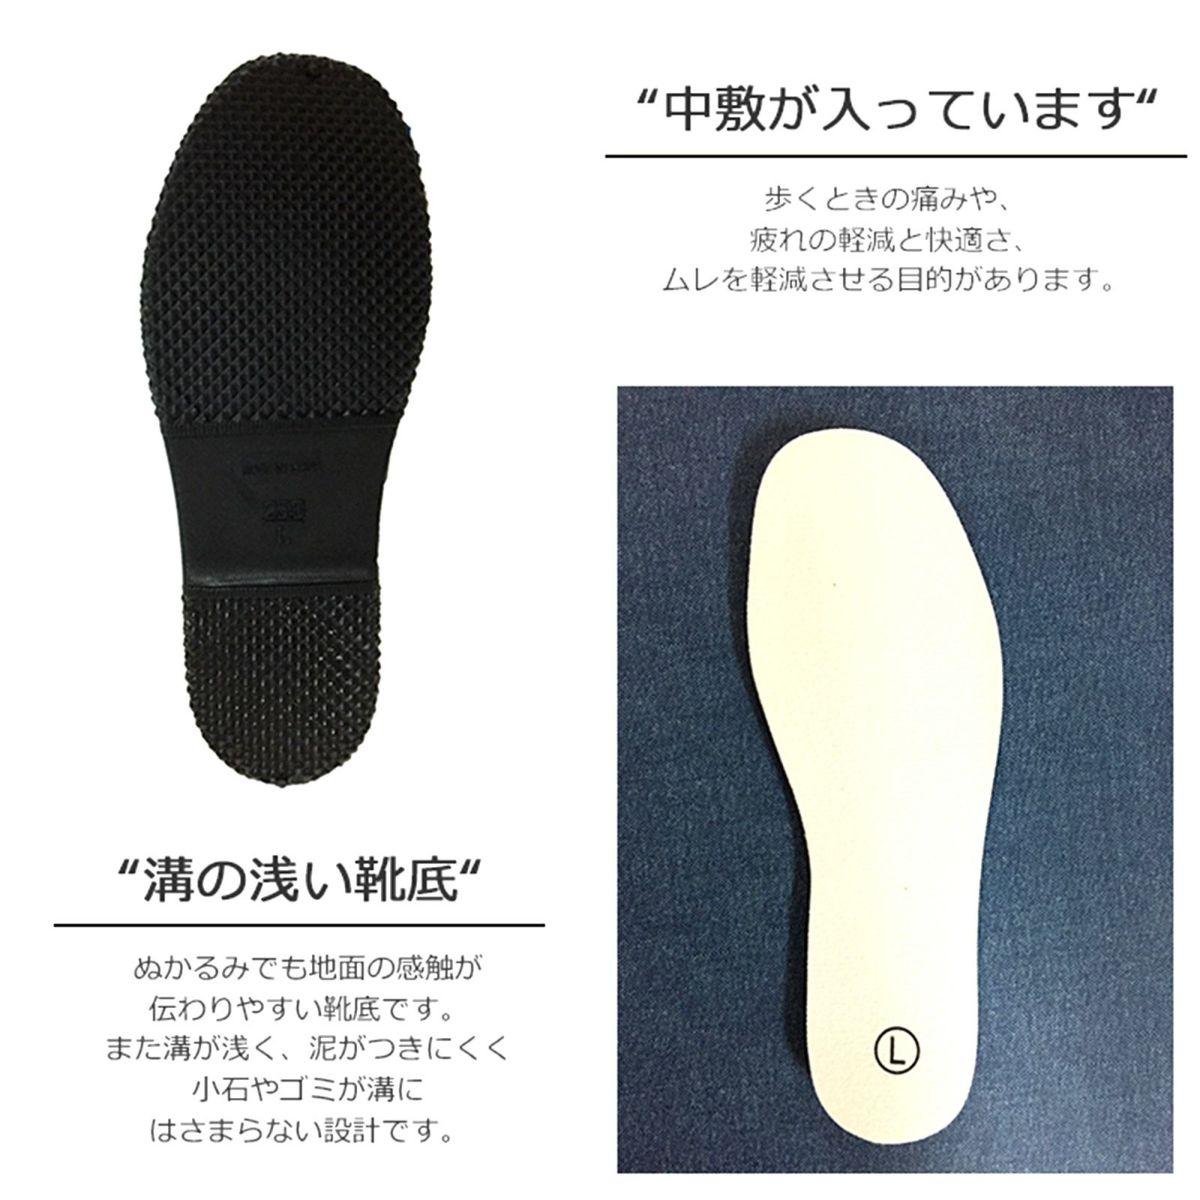 インソールと靴底